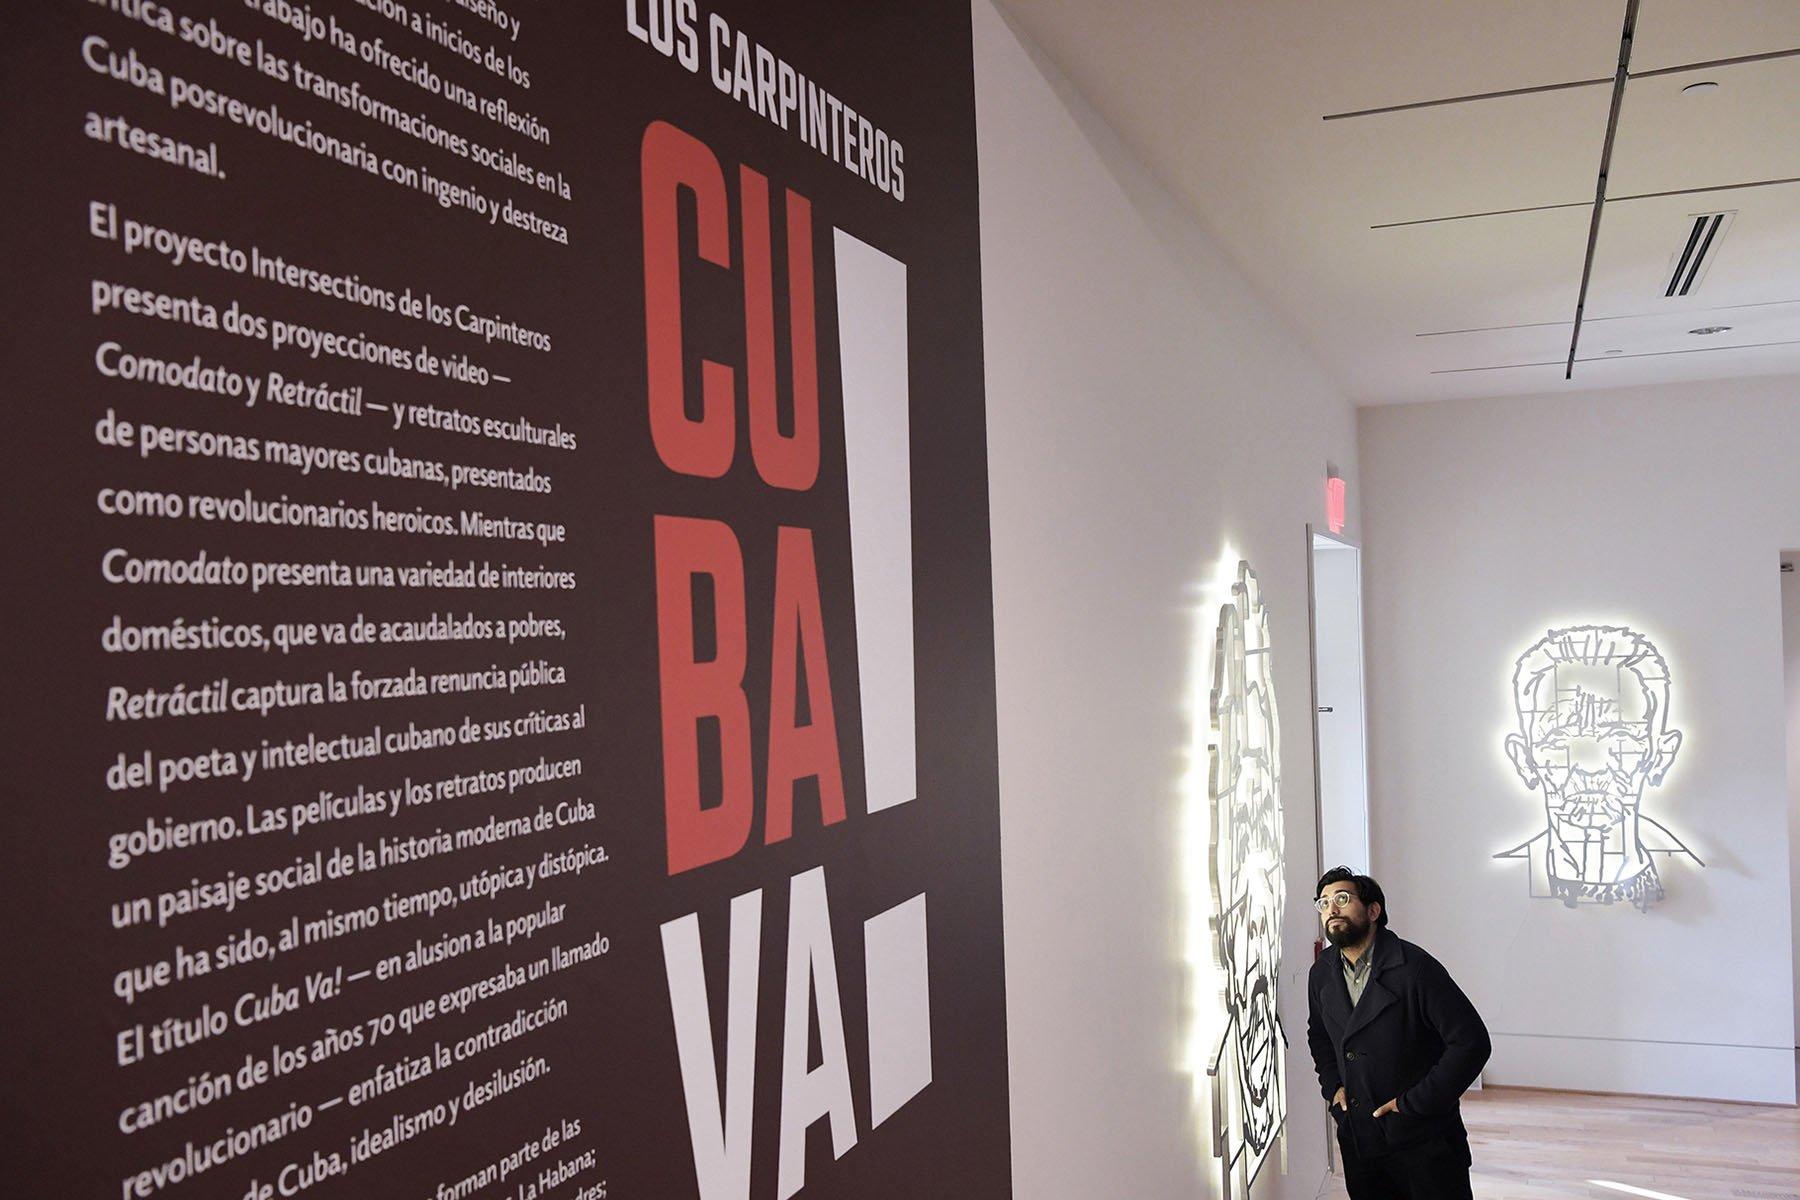 """Un hombre observa una de las obras del colectivo artístico """"Los Carpinteros"""" durante una visita a la exposición """"Cuba Va!"""" este jueves en la Phillips Collection en Washington, Estados Unidos. Foto: Lenin Nolly / EFE."""